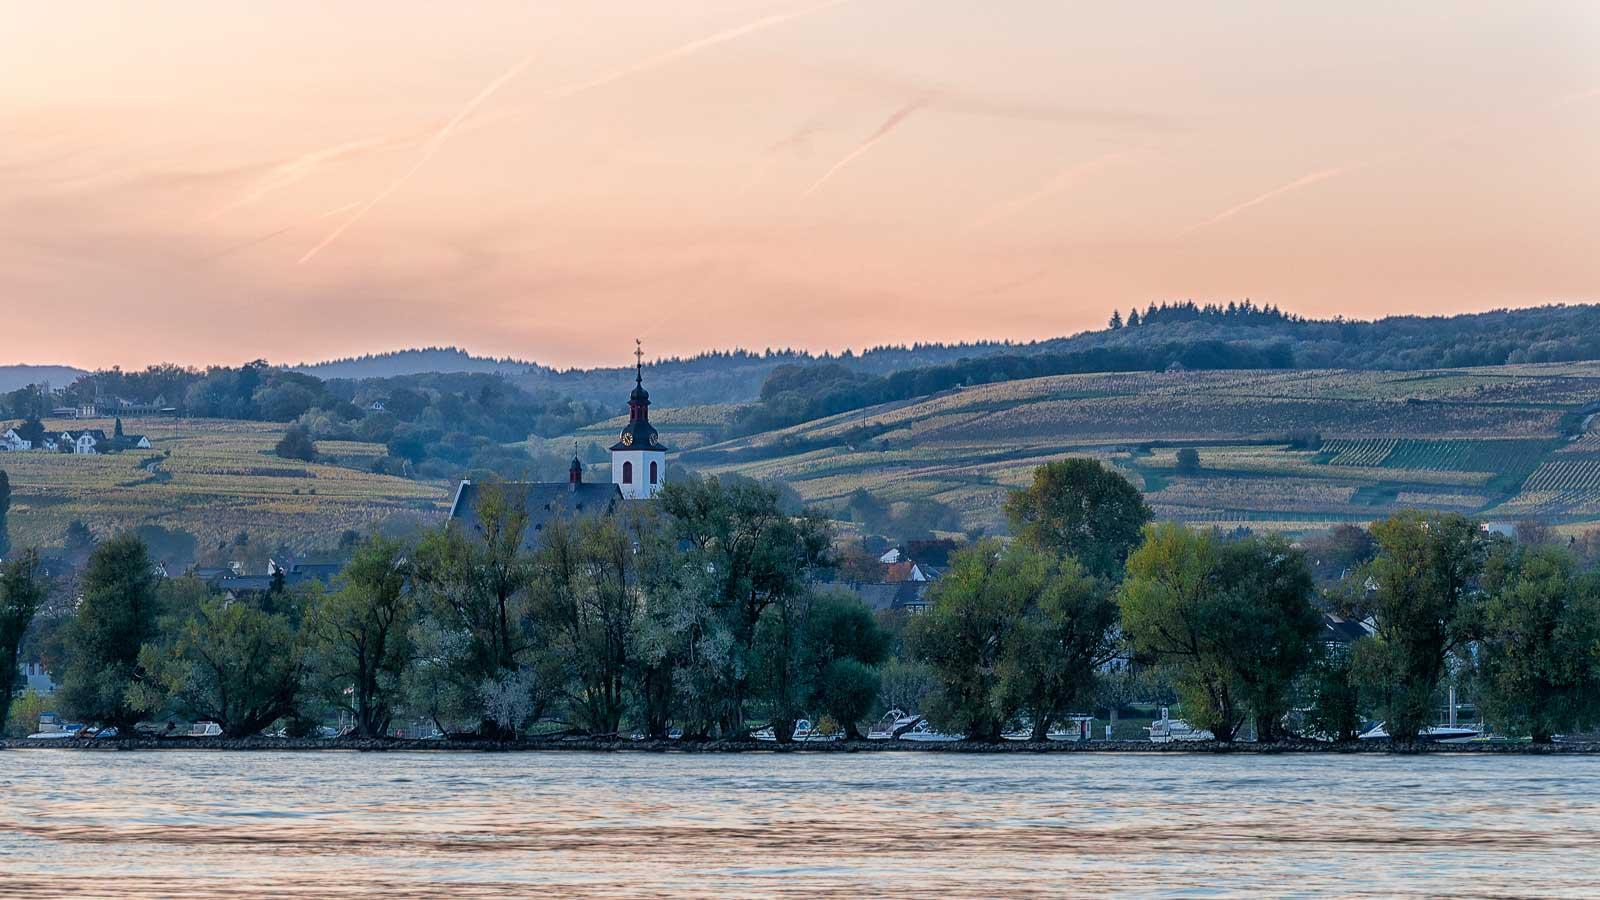 Von der gegenüberliegenden Seite des Rheins kann man feurige Sonnenuntergänge am Rheingau genießen.